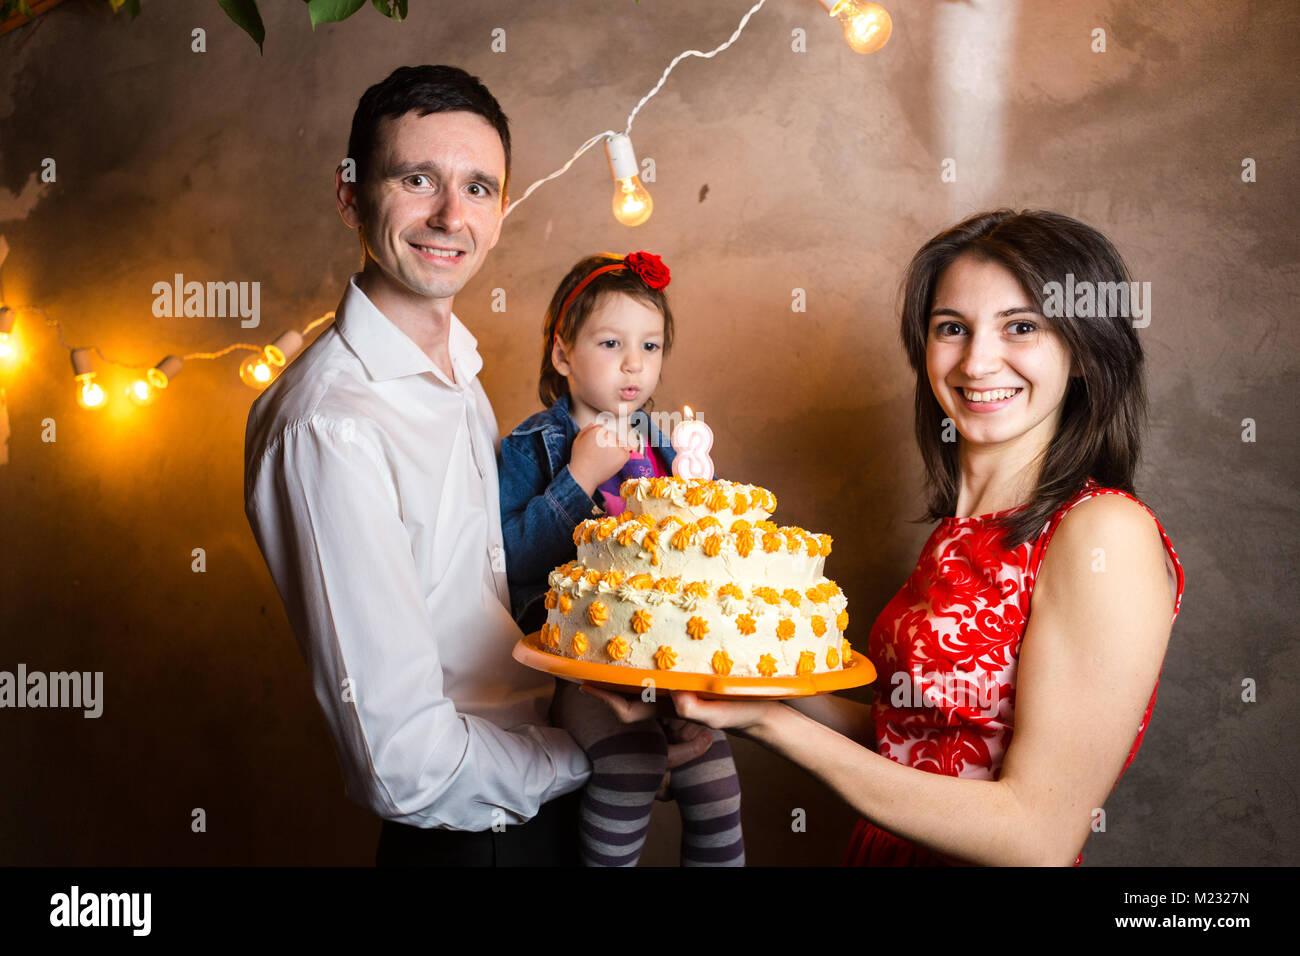 Thema Familienurlaub Kinder Geburtstag Und Ausblasen Kerzen Am